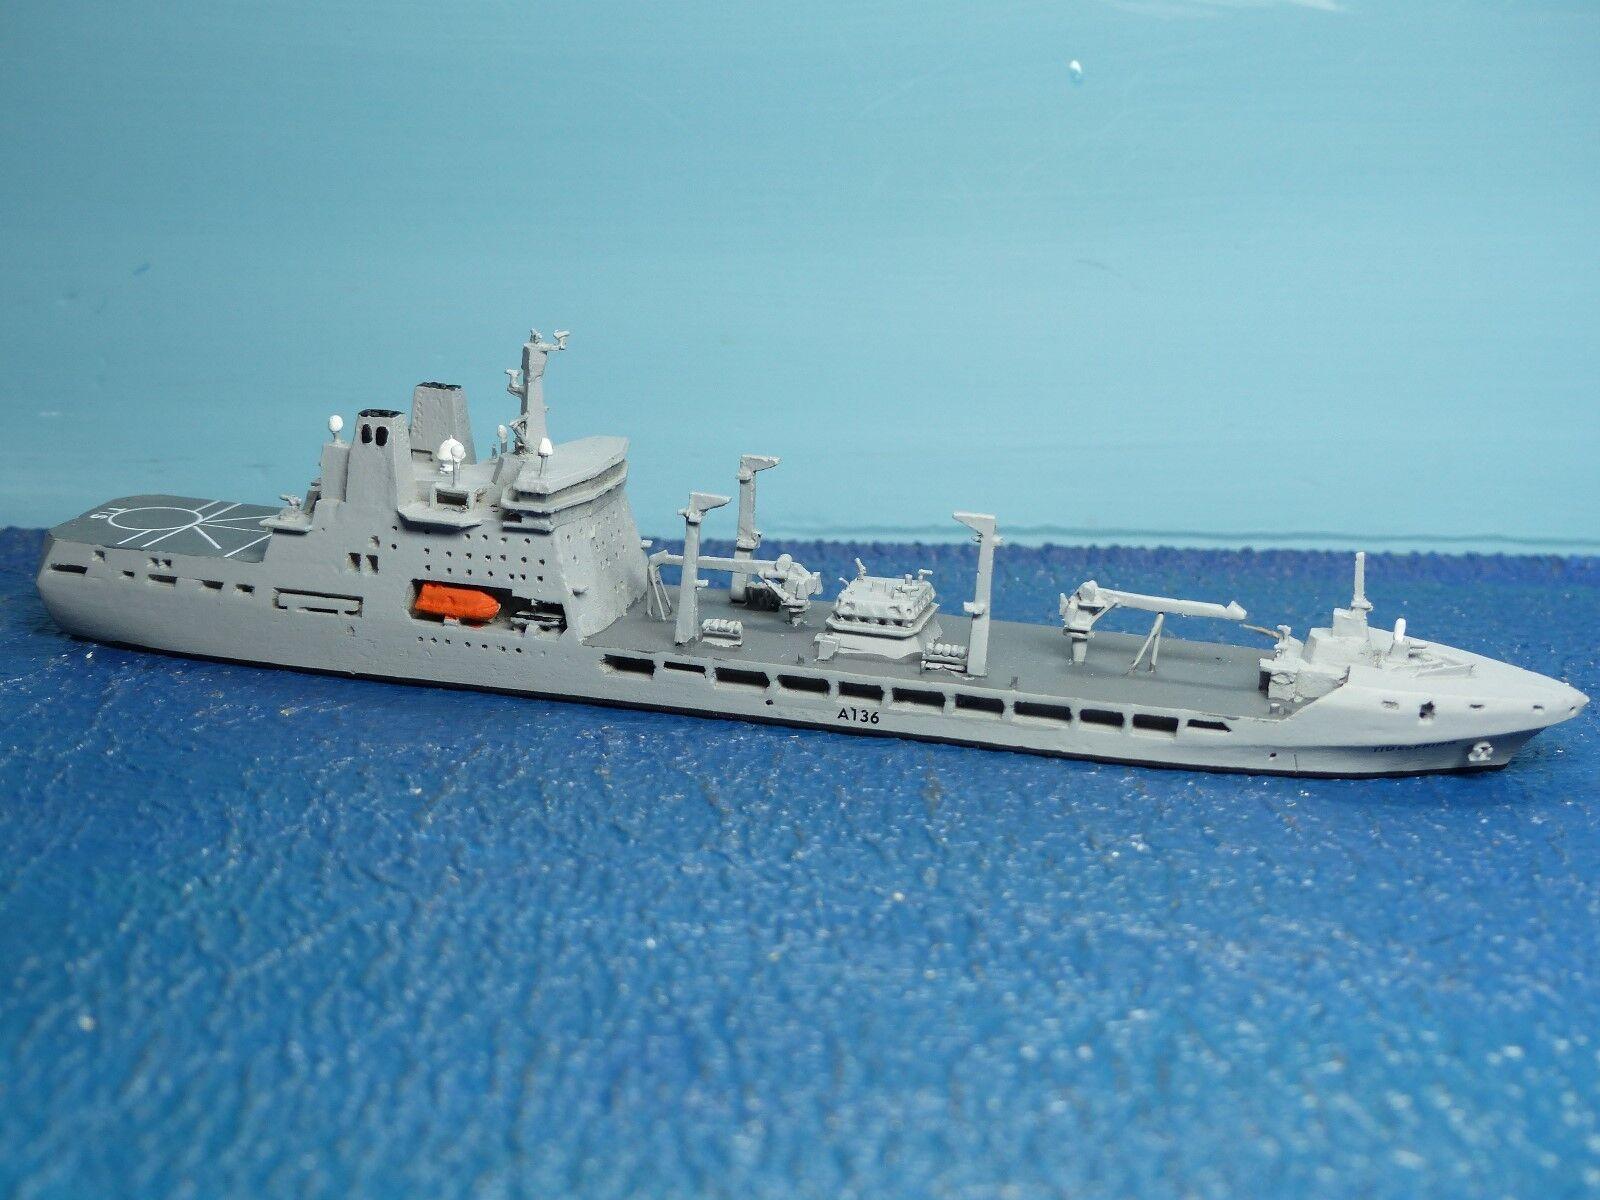 Albatros navire 1 1250 Go. flottes pétrolier  tidespring  ALK 324 Nouveauté